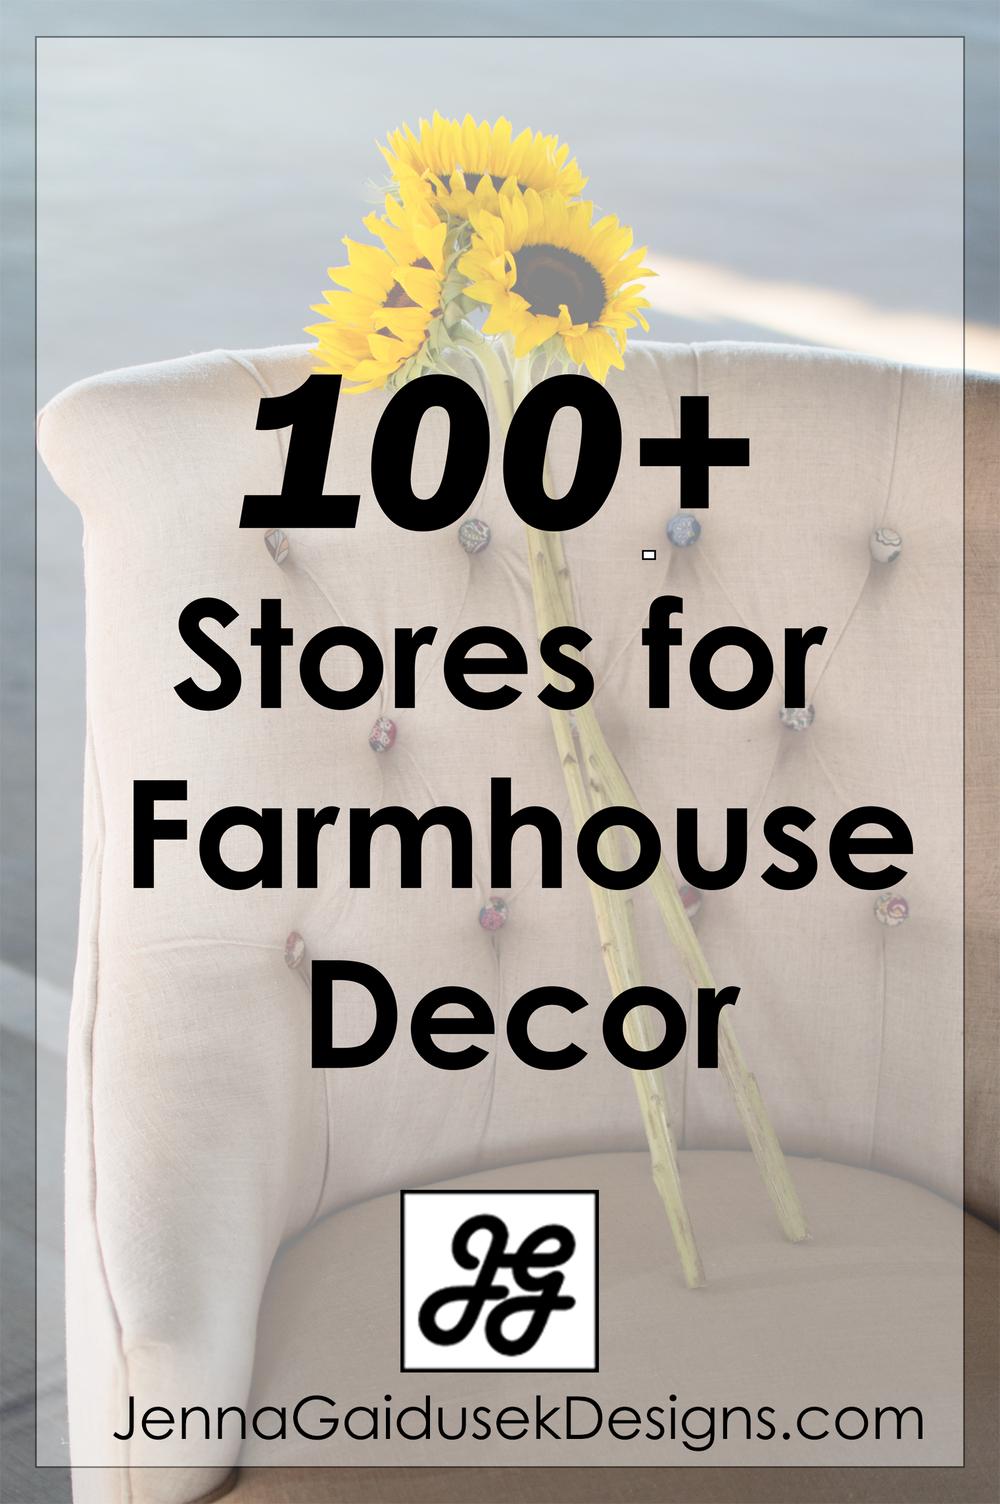 100+ Farmhouse stores